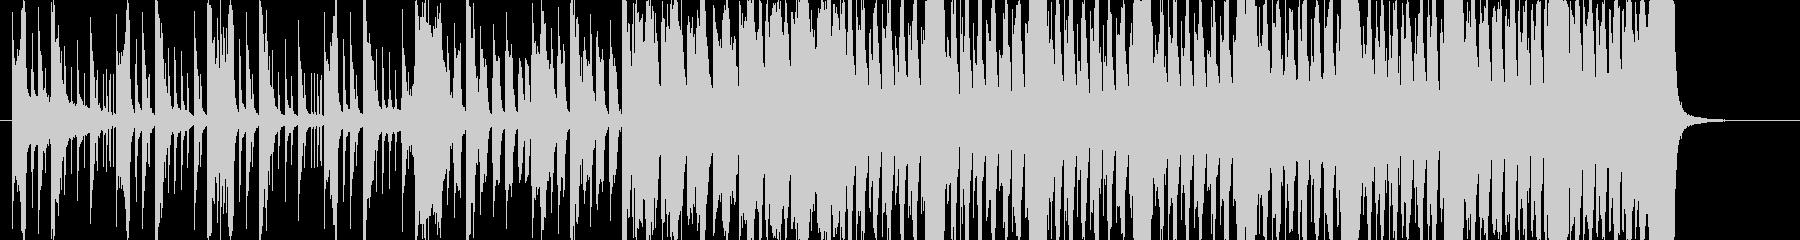 激しい和風EDM 侍サムラEDMショートの未再生の波形